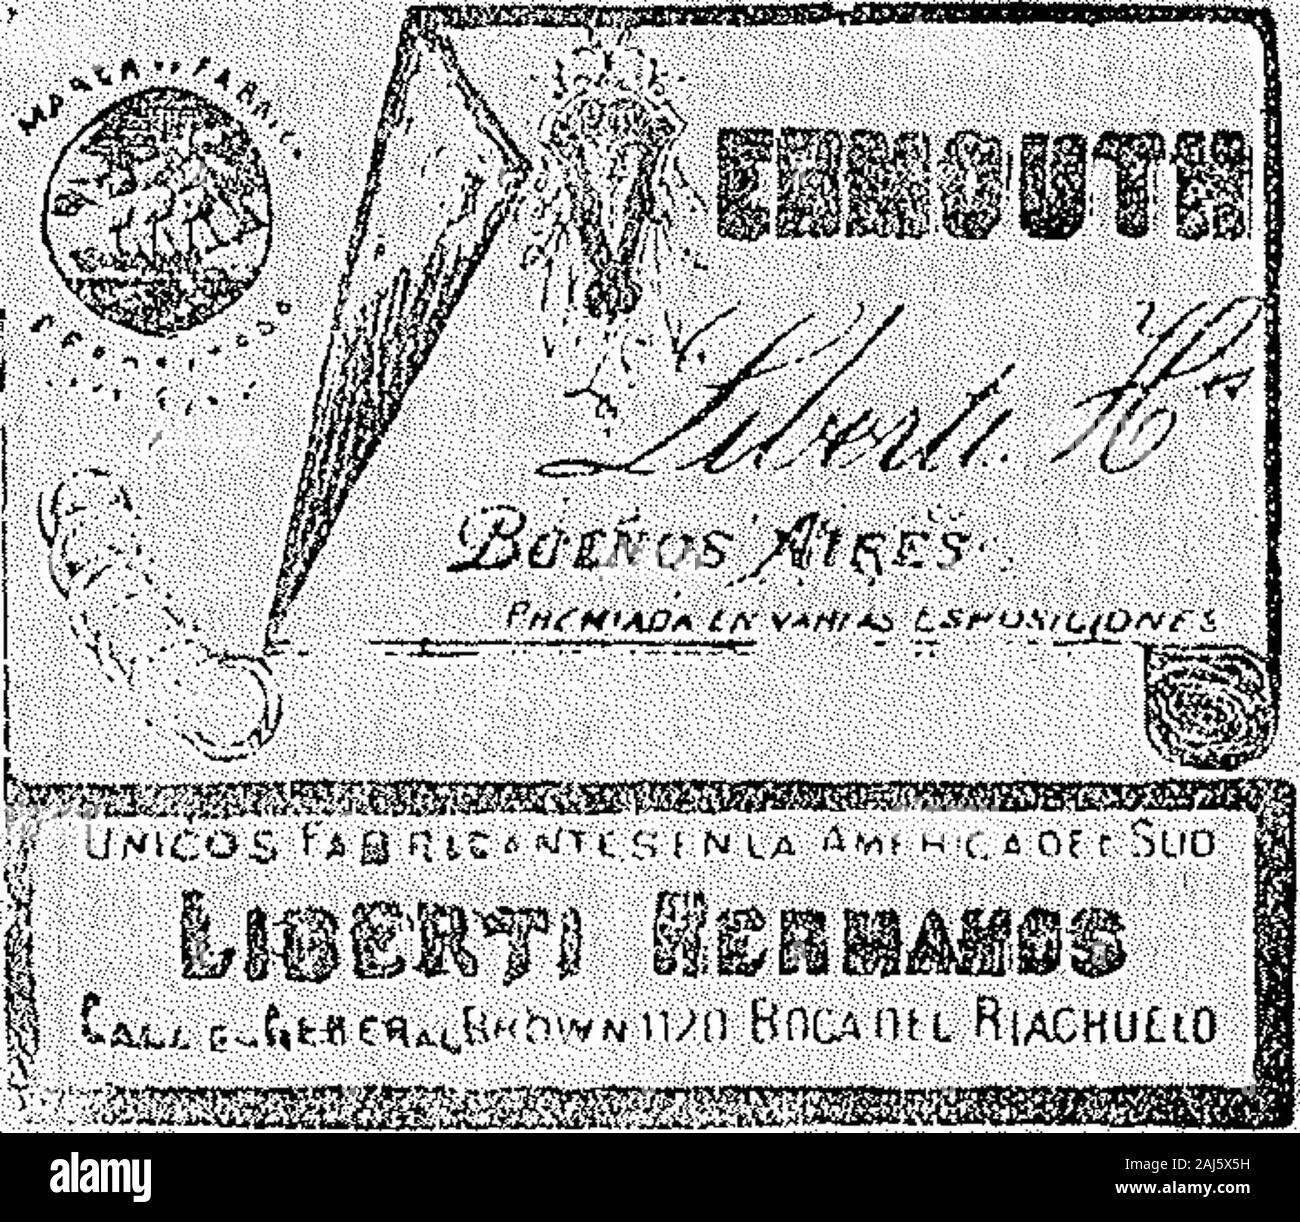 """Boletín Oficial de la República Argentina 1903 1ra sección . Mavo 5S de 1903.-Benelbas Hermanos yCia.-Distinguir tejidos, confecciones, mer-cerin, zanaioria, ...rsiMeria y sombrería,Alsina 879. vO-Junio. Acia No.lff.047 . Junio 2 de 1903.-Ángel Glauda.-dis-tinguir ONU-licor. Alsina 1241. ? V-9-Junio..  :.C(u_,6<.f""""wit<""""A,6""""hv¥M iun Boca nt i RiaChuUO Vr____fi________KS5 Junio 3 de 1903.- Liberti Hnos.-Distin-guir vermouth. G. Brown 1120. v 9 Junio. BOLETÍN OoiClAL 11943 Acia m°. 13.019 35133185 <?x¿=o - WILH ELM mEGtR ¿R""""S """"..íí^-.Ho Jnveníor* e Solé Uomo""""[- .ur:r Foto Stock"""